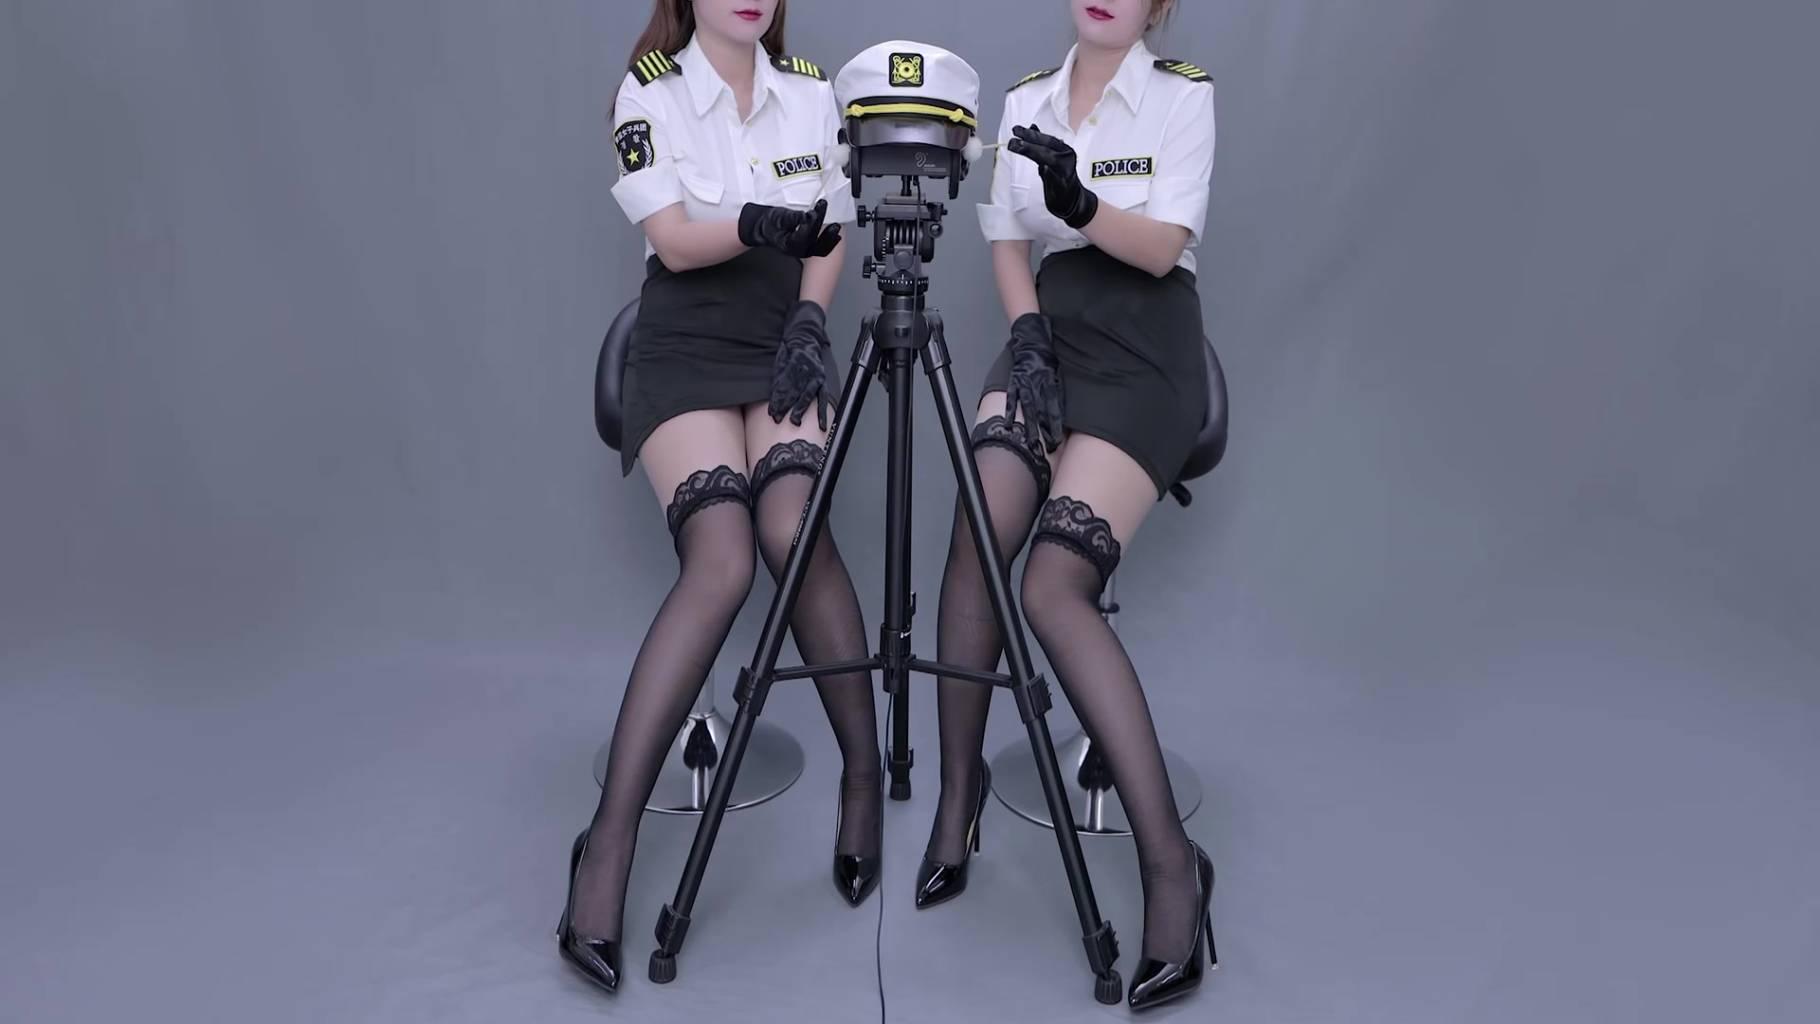 晓晓小UP双人警察制服更新 ASMR油管搬运